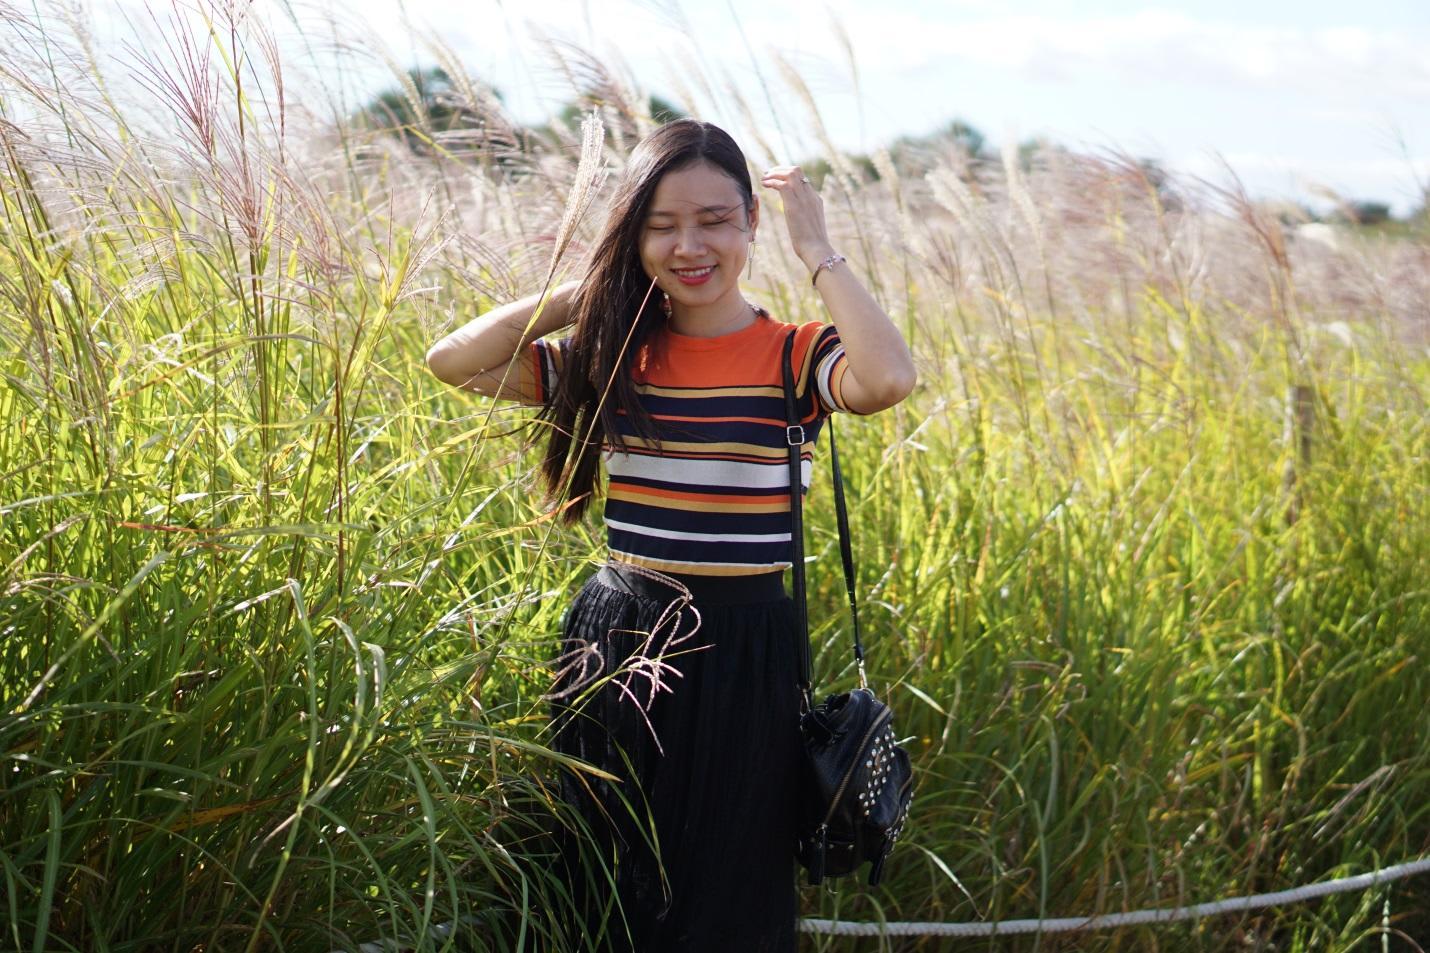 cánh đồng cỏ lau tại haneul park